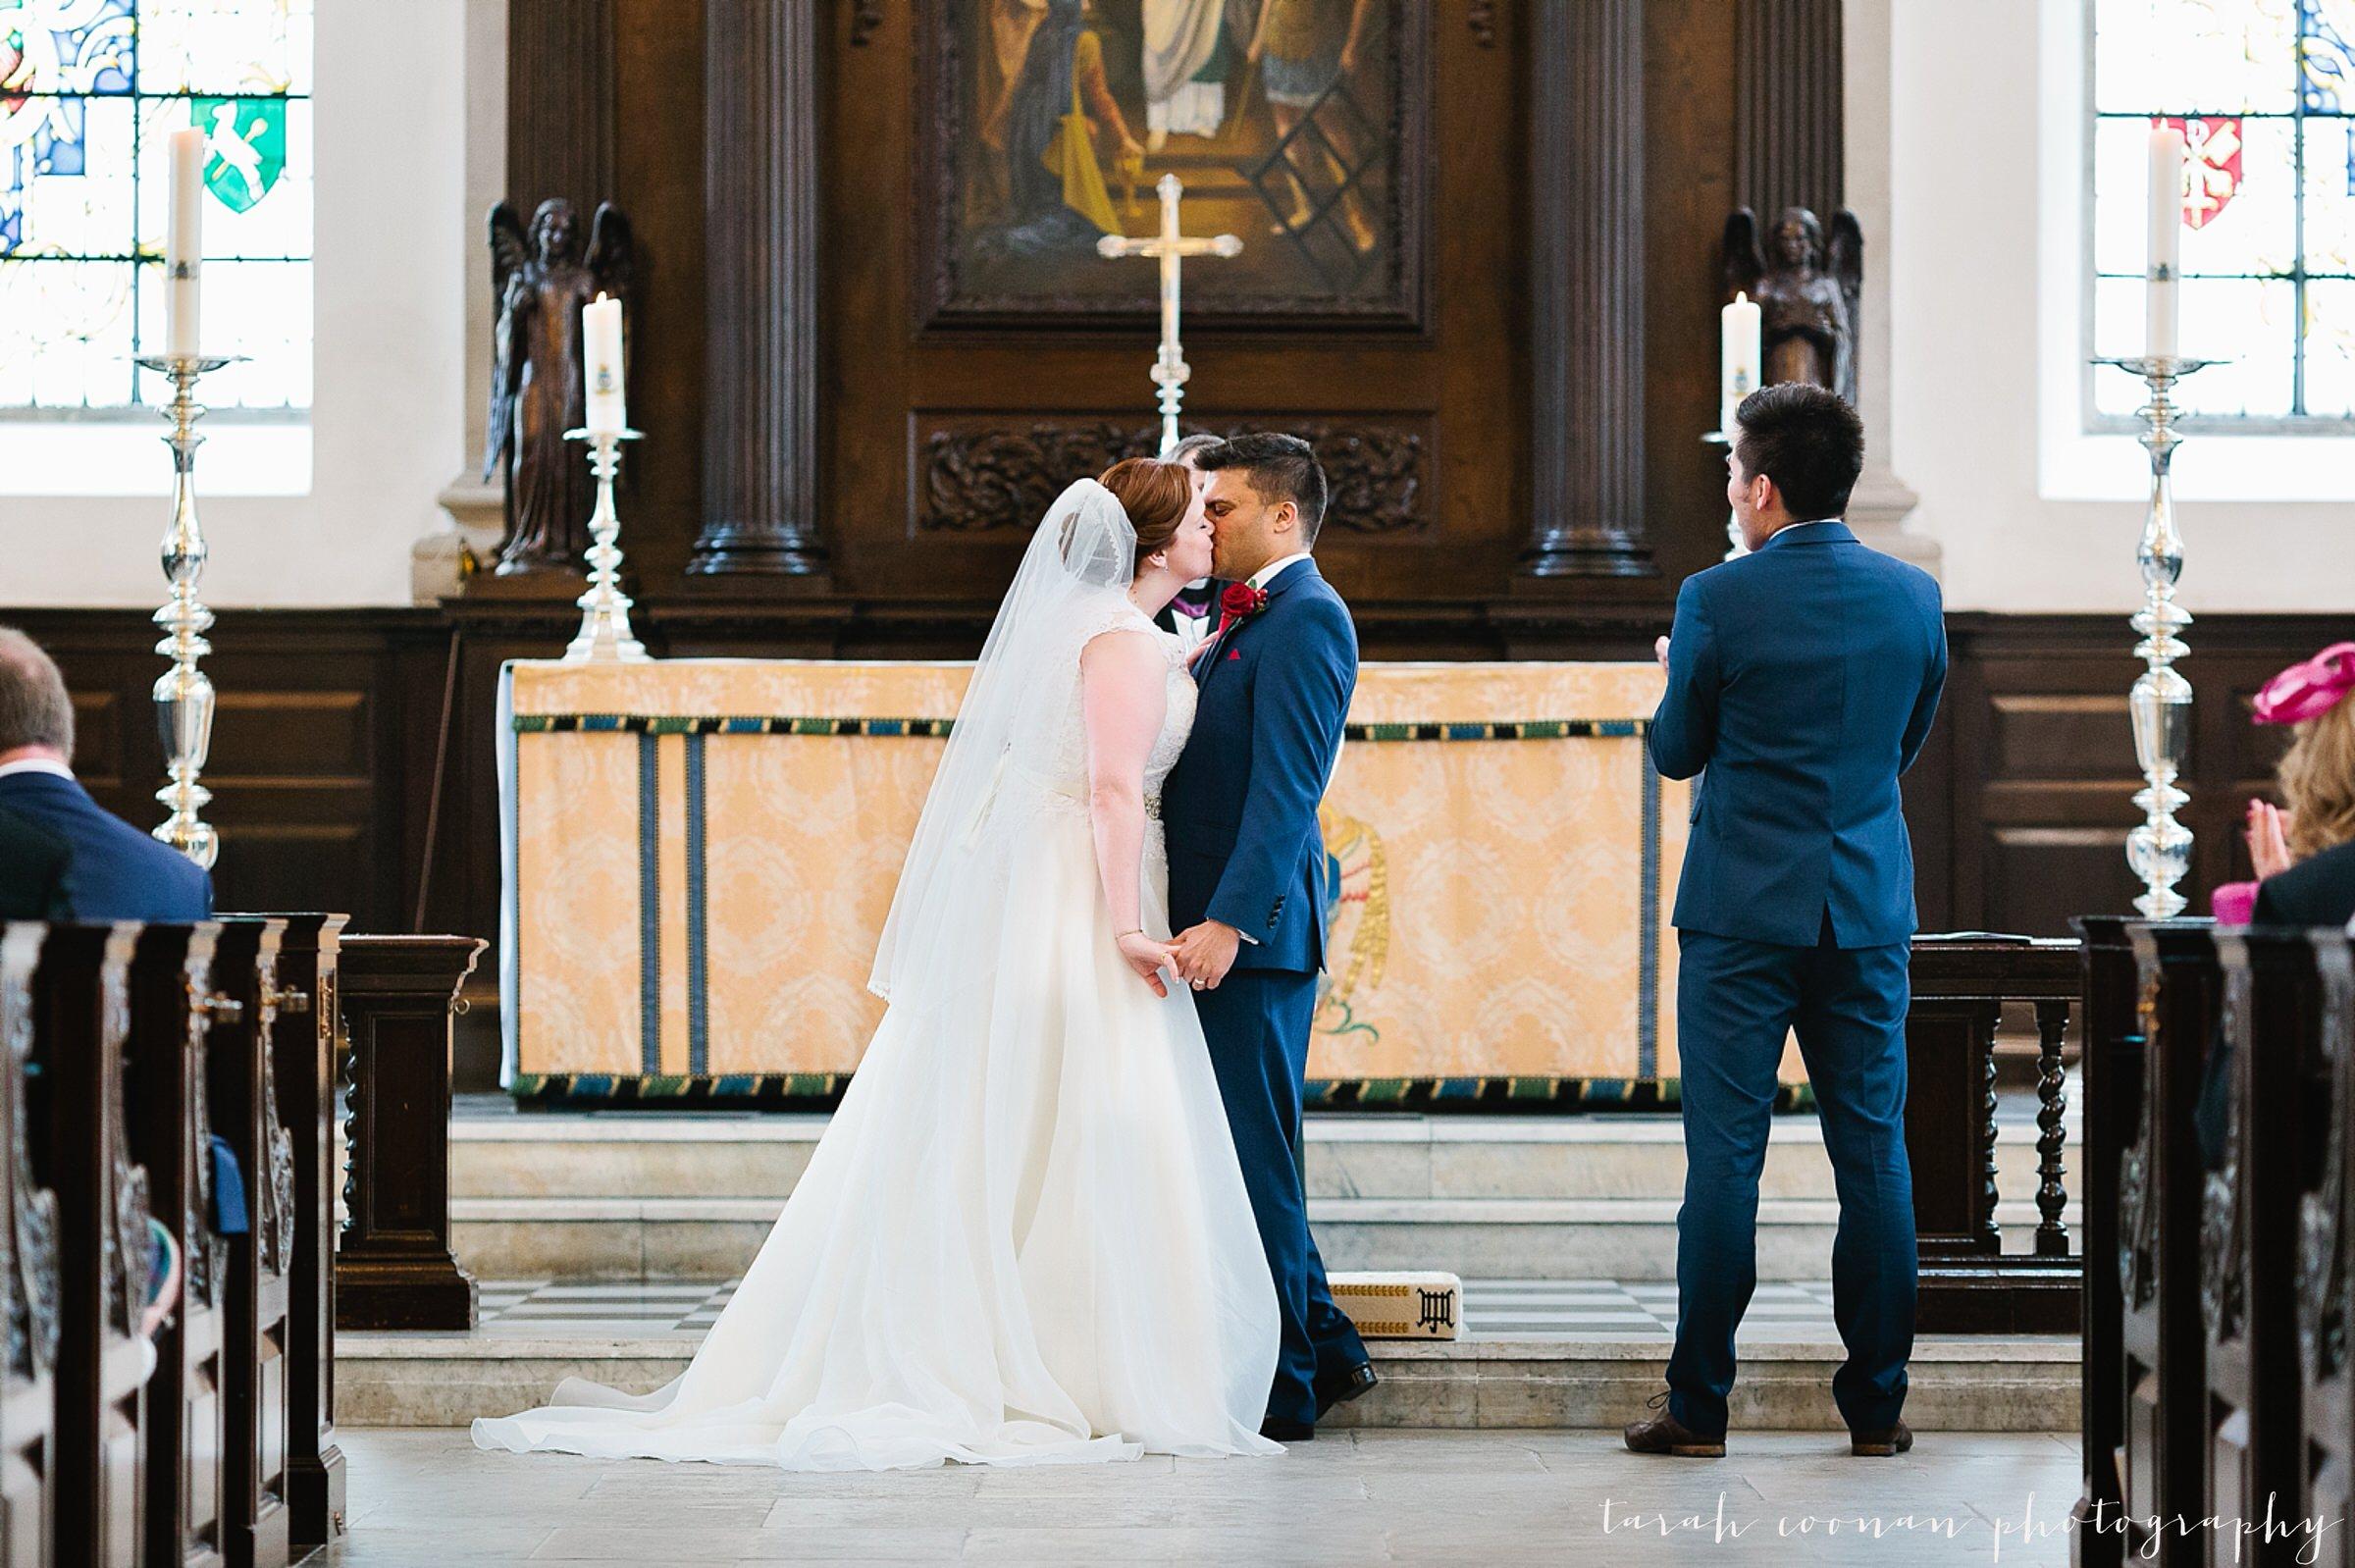 London church wedding